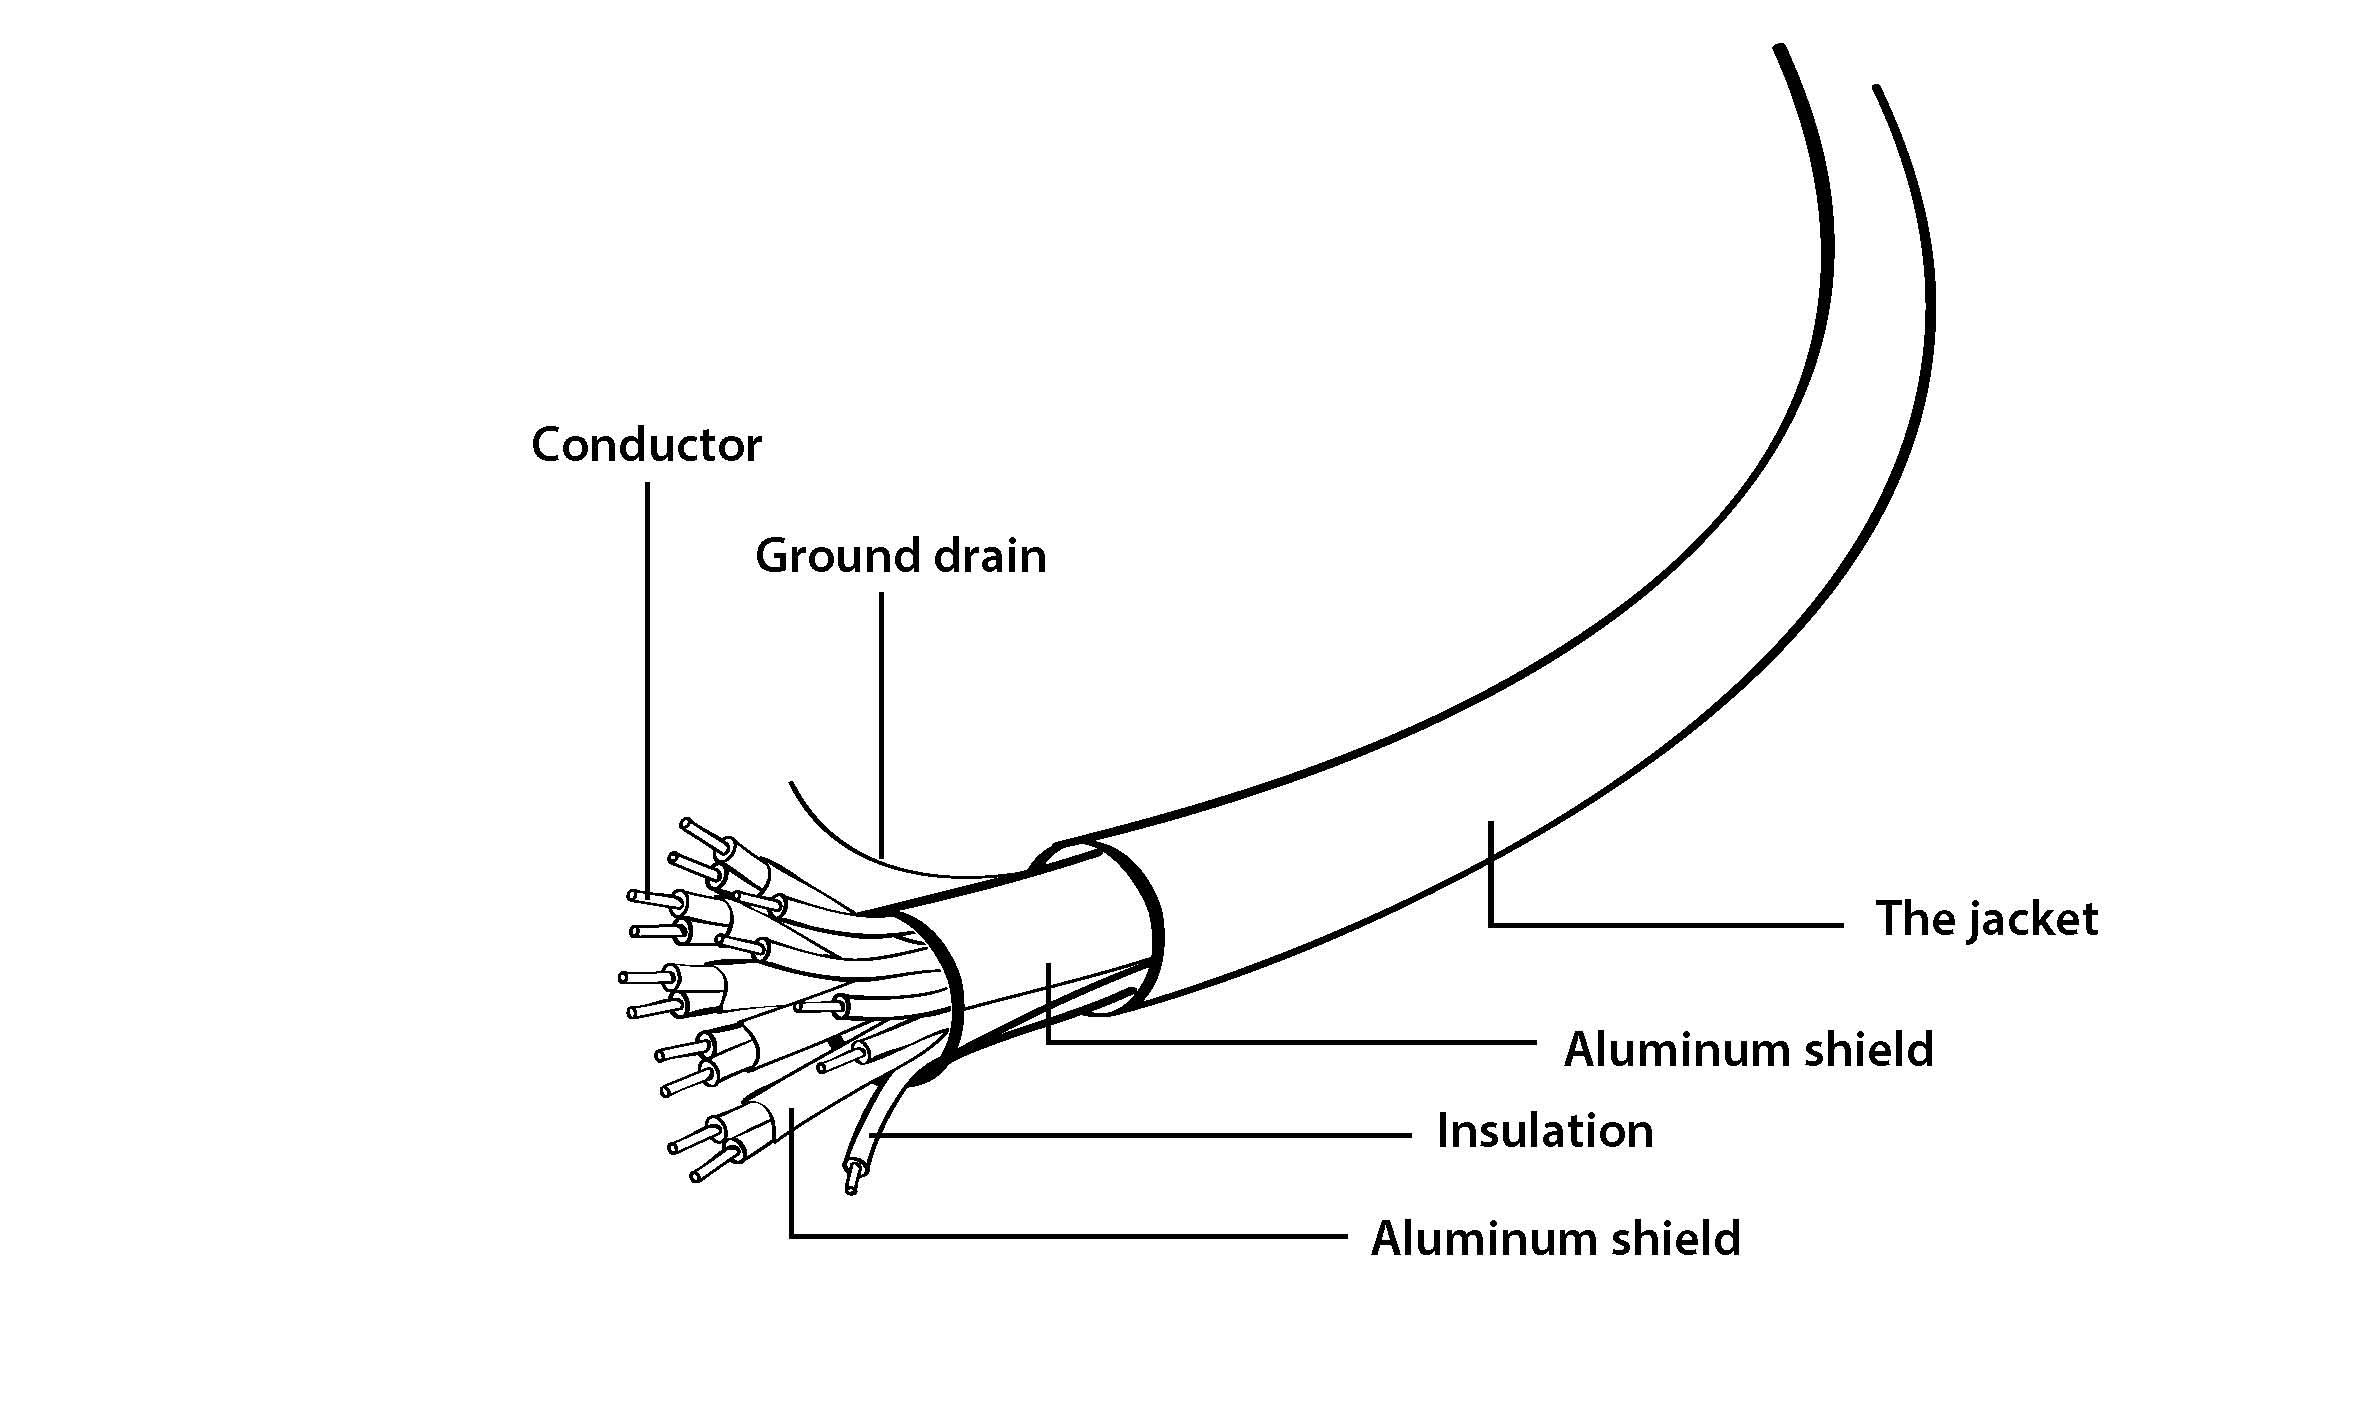 Vga Connector Pin Diagram